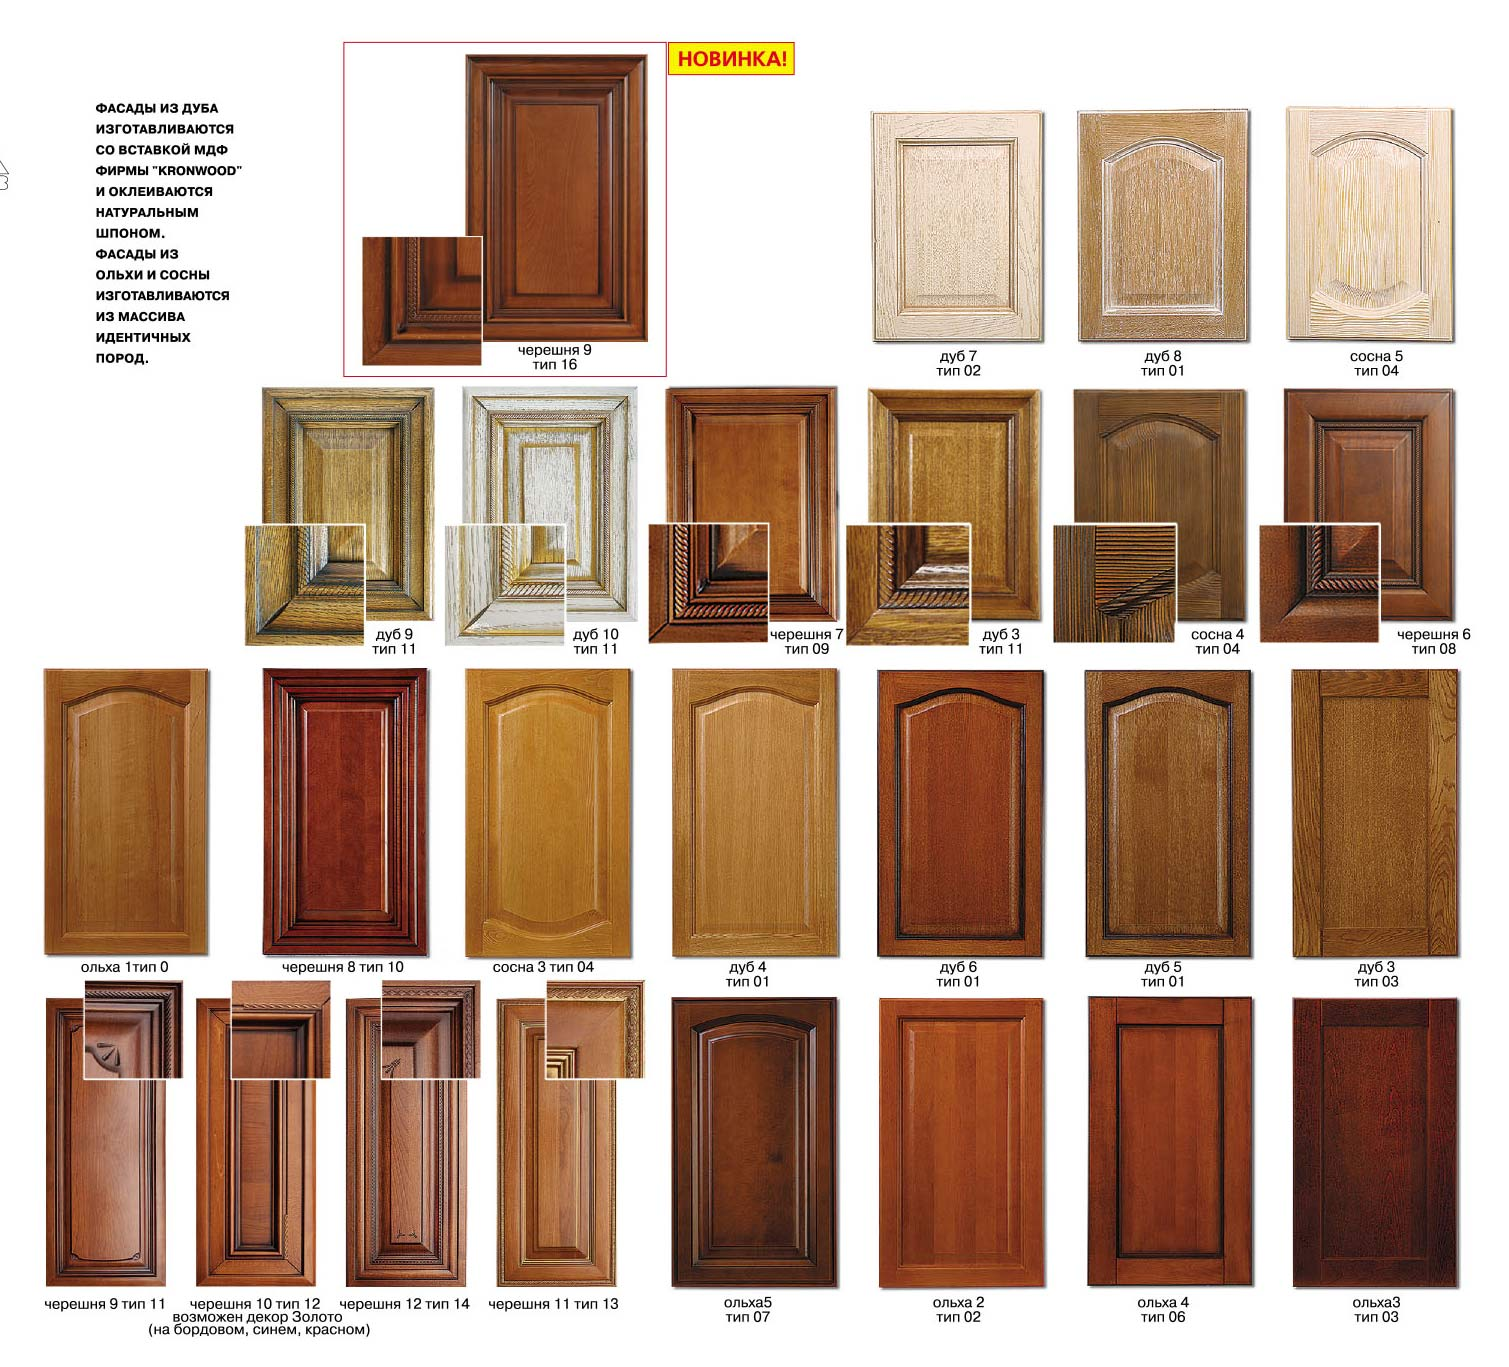 """Фасады """" мебельная компания """"софия"""" - кухни, шкафы-купе, диз."""